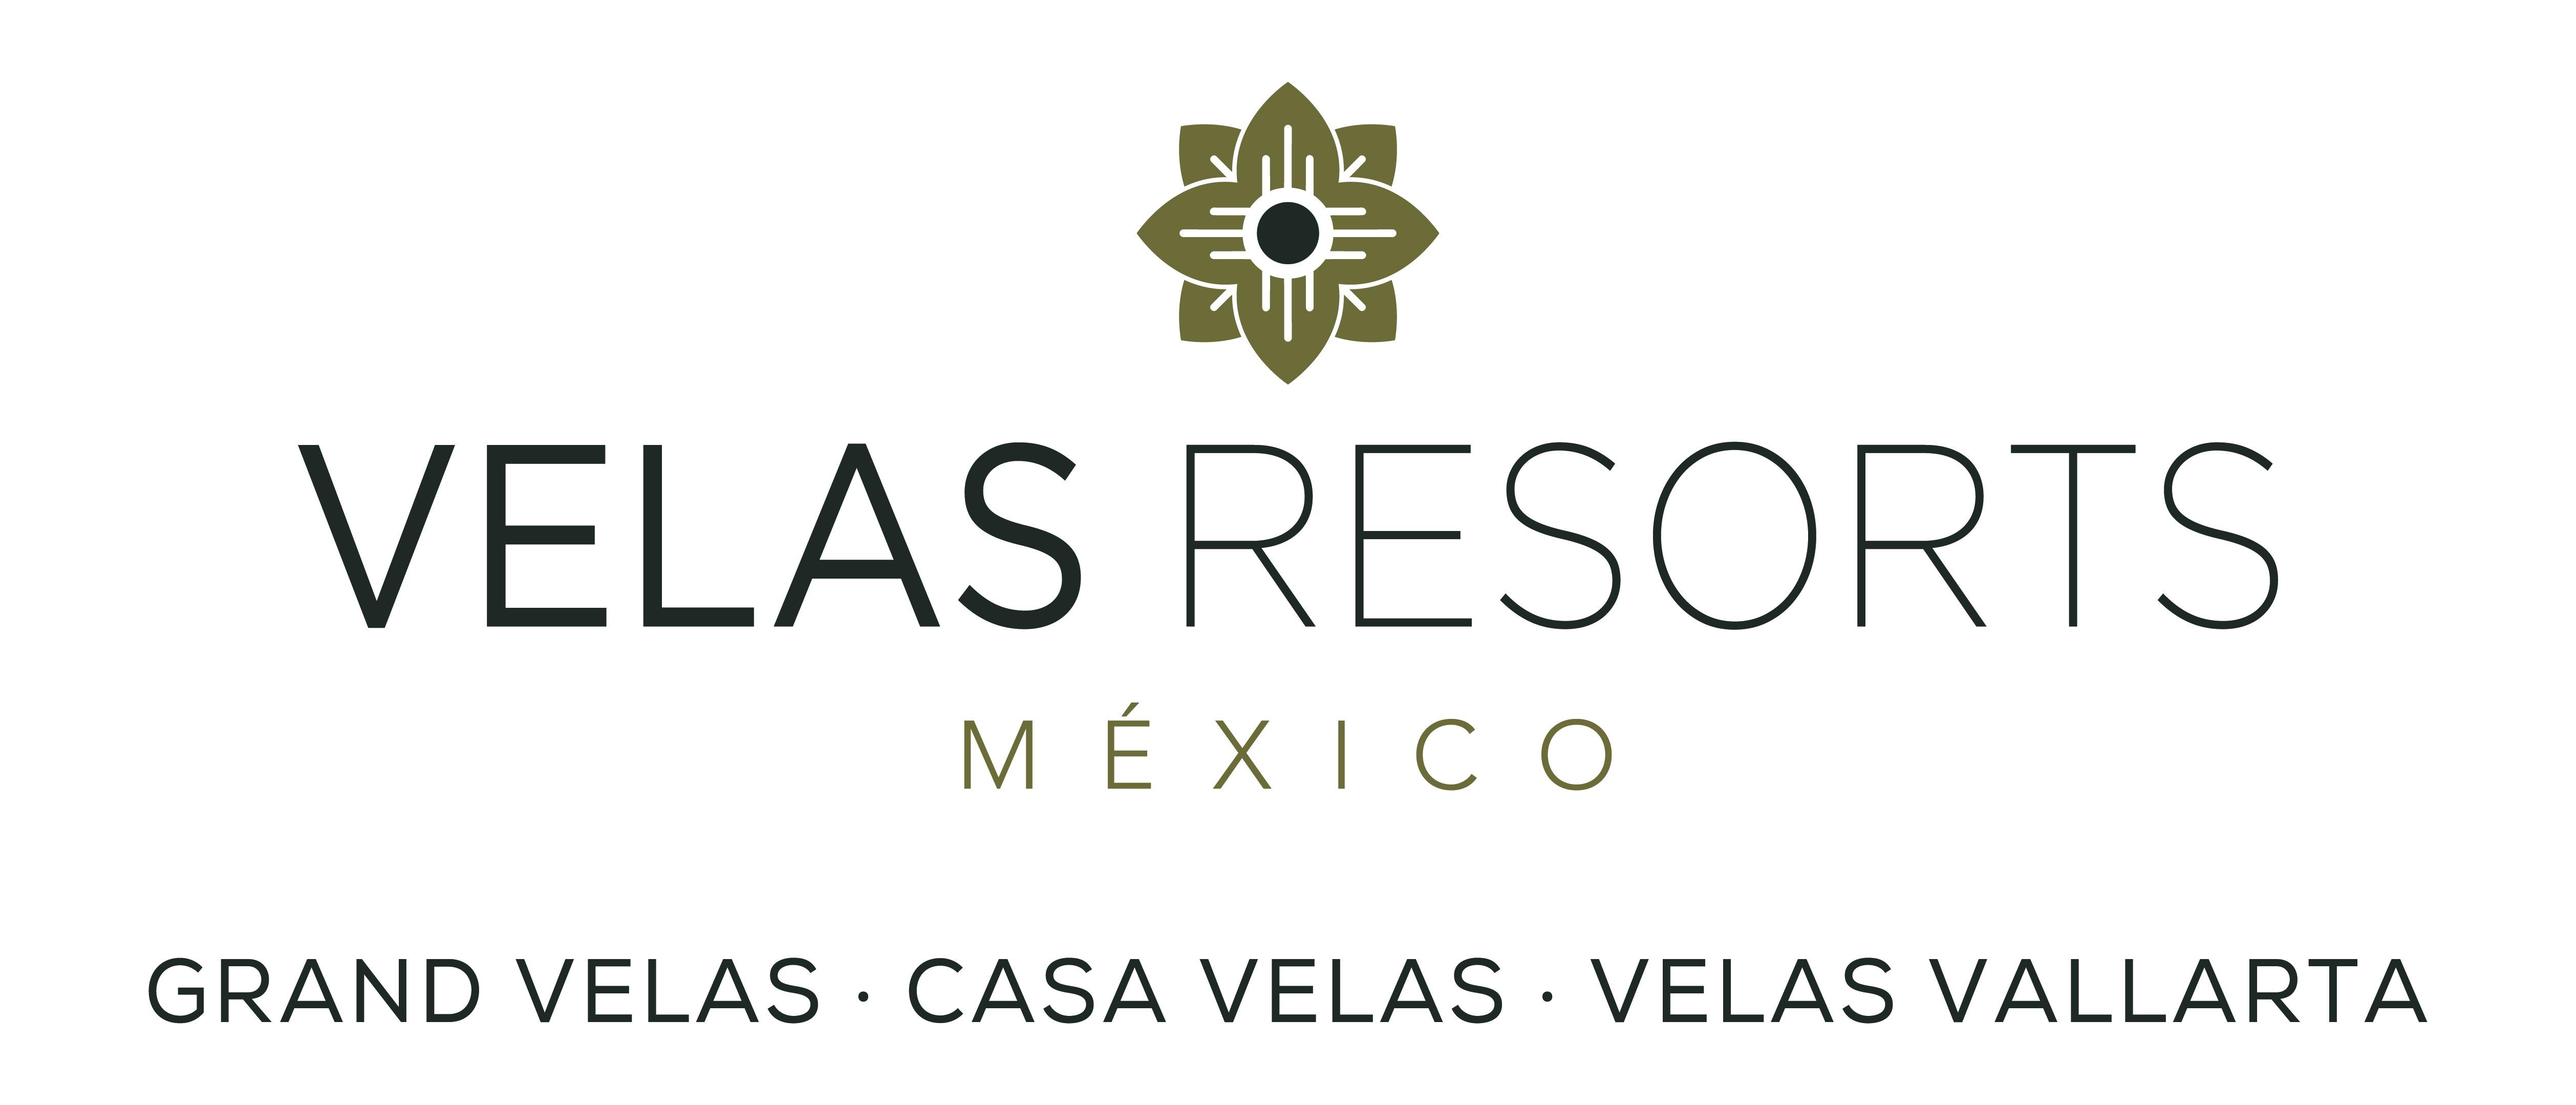 Velas-Logo-5032x2158.jpg